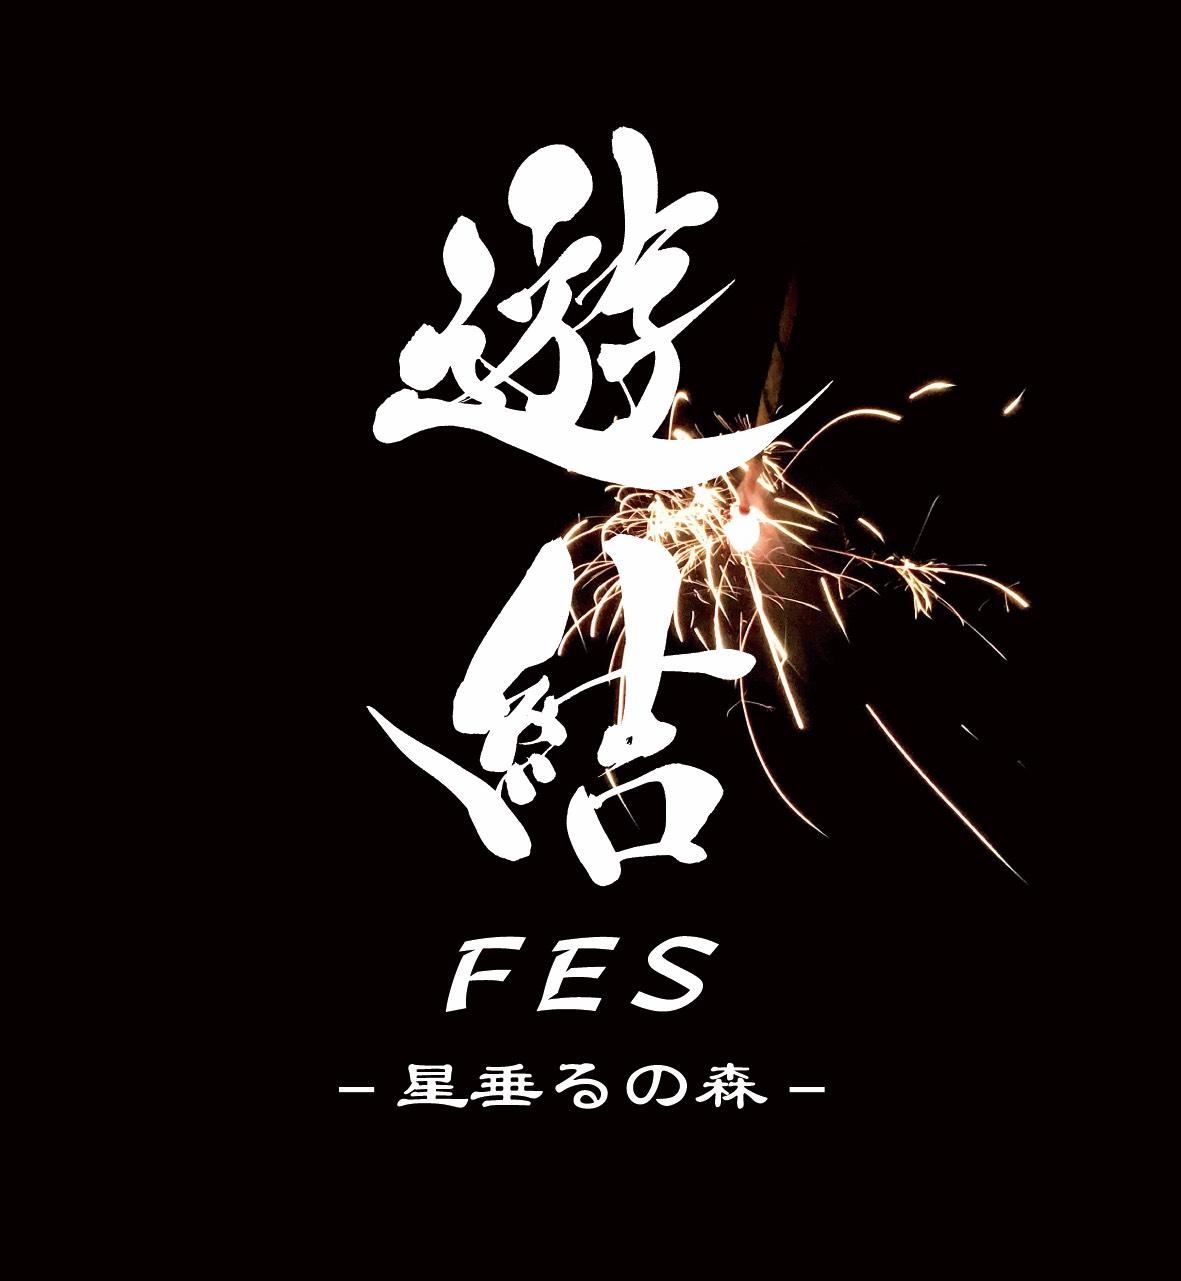 遊結FES 2021 -星垂るの森-